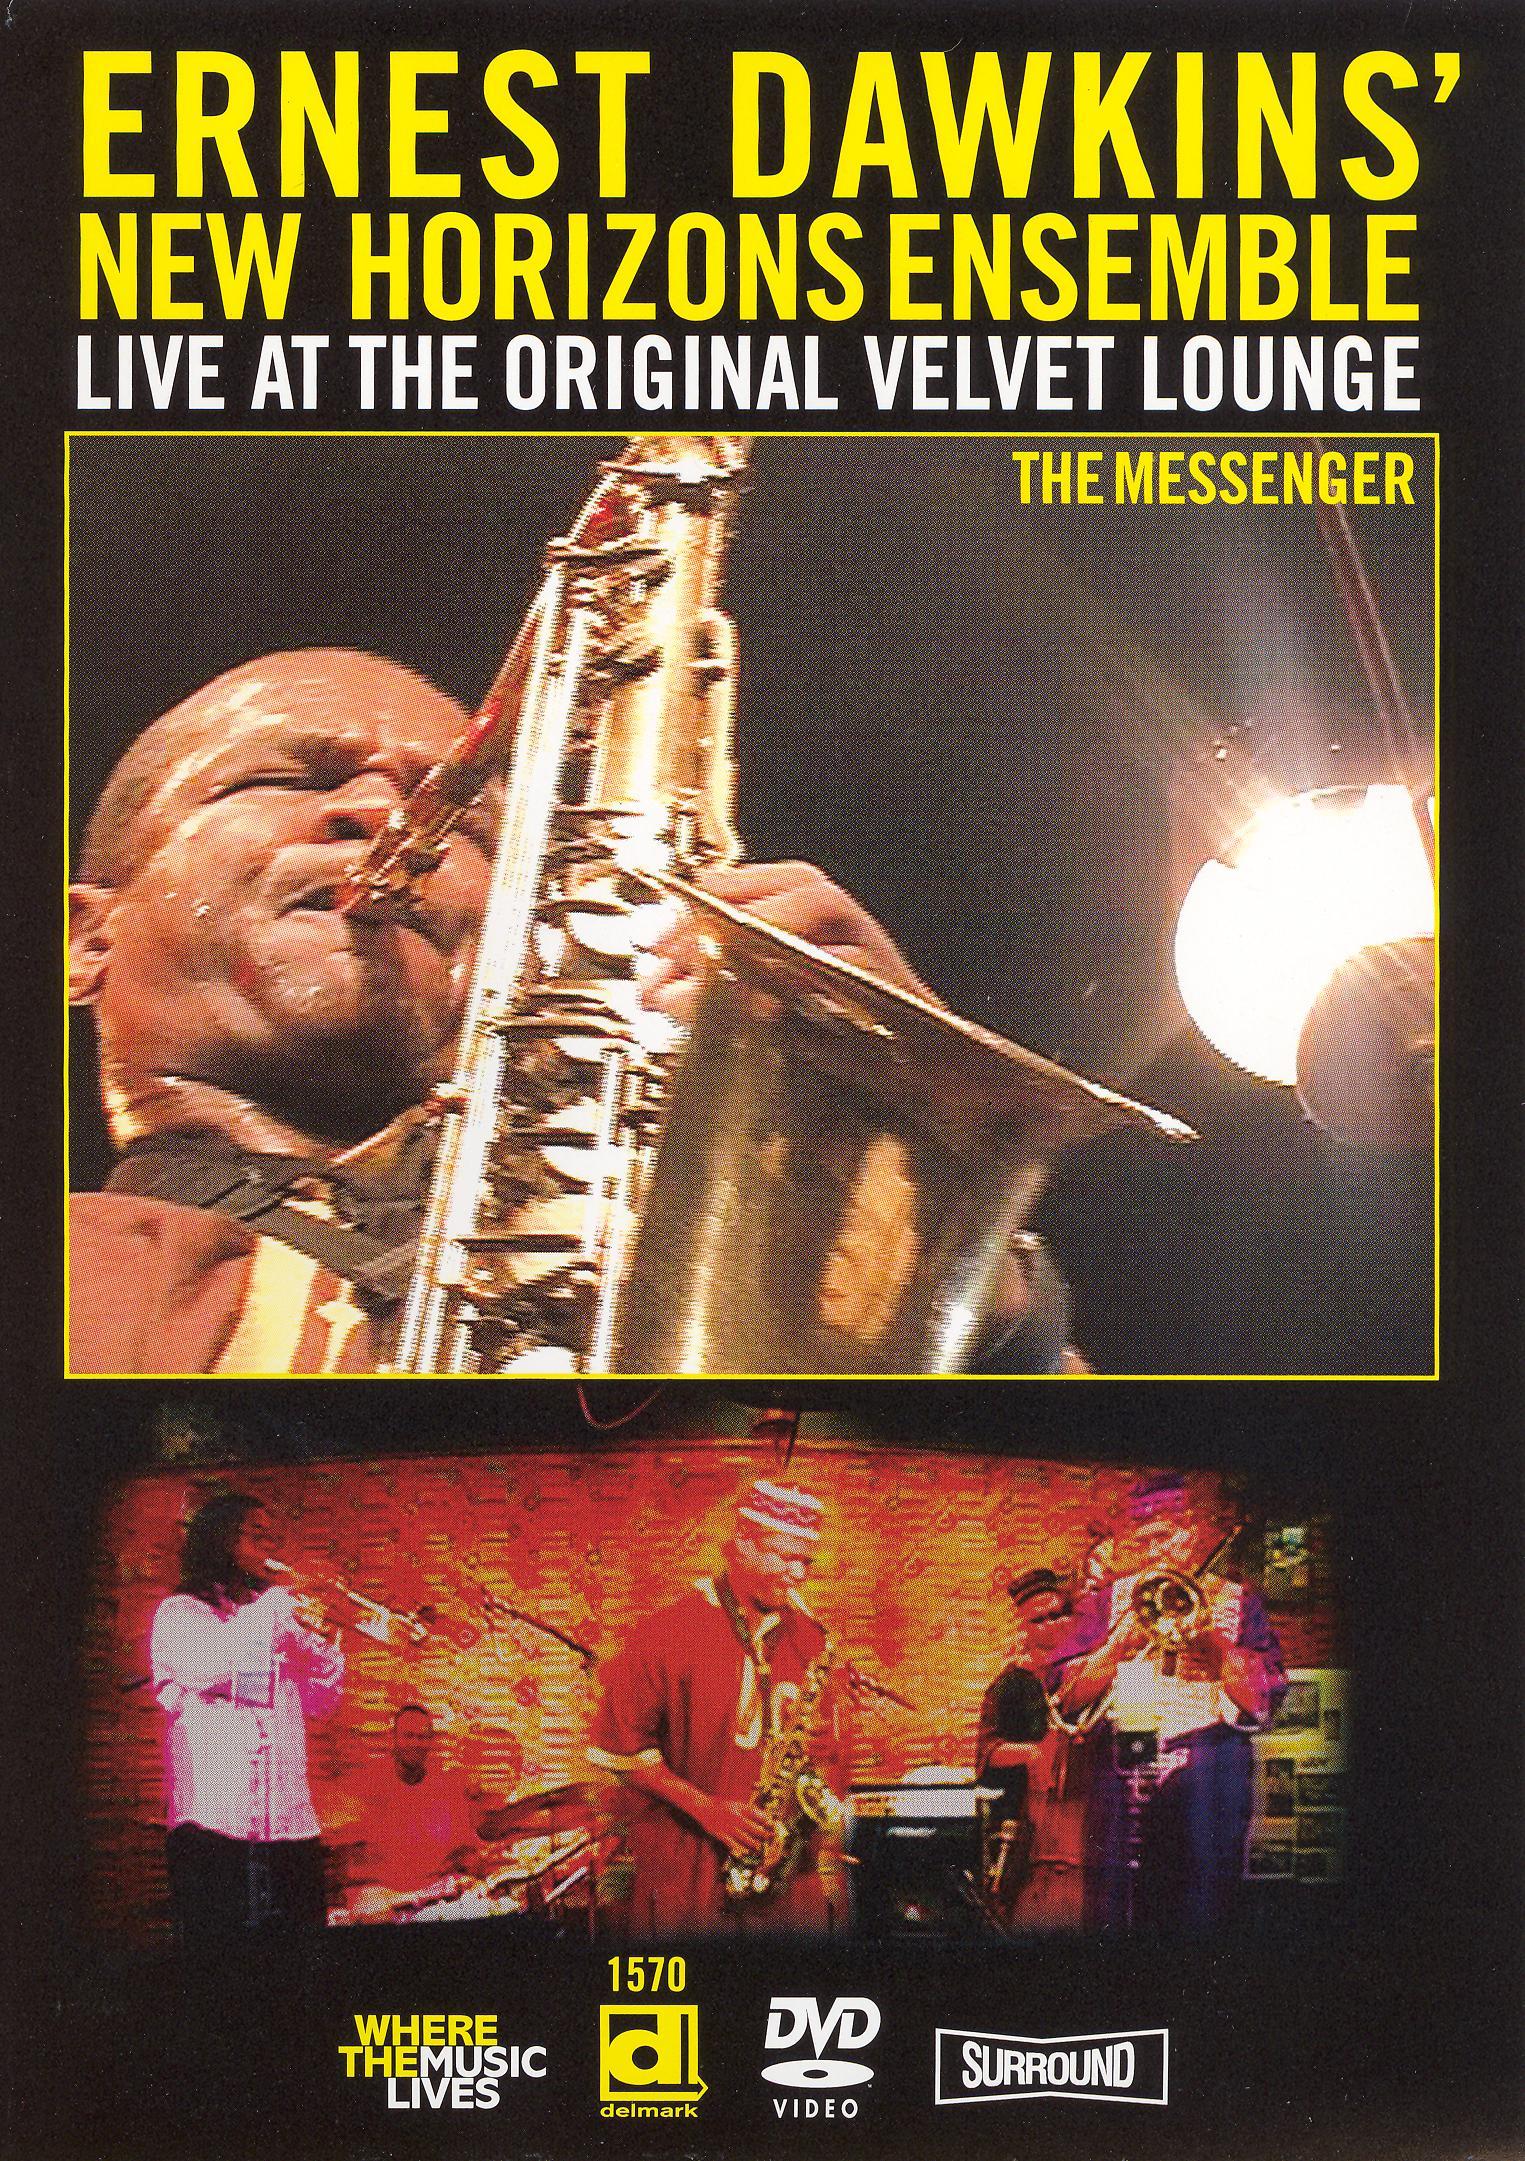 Ernest Dawkins New Horizons: Live at the Velvet Lounge